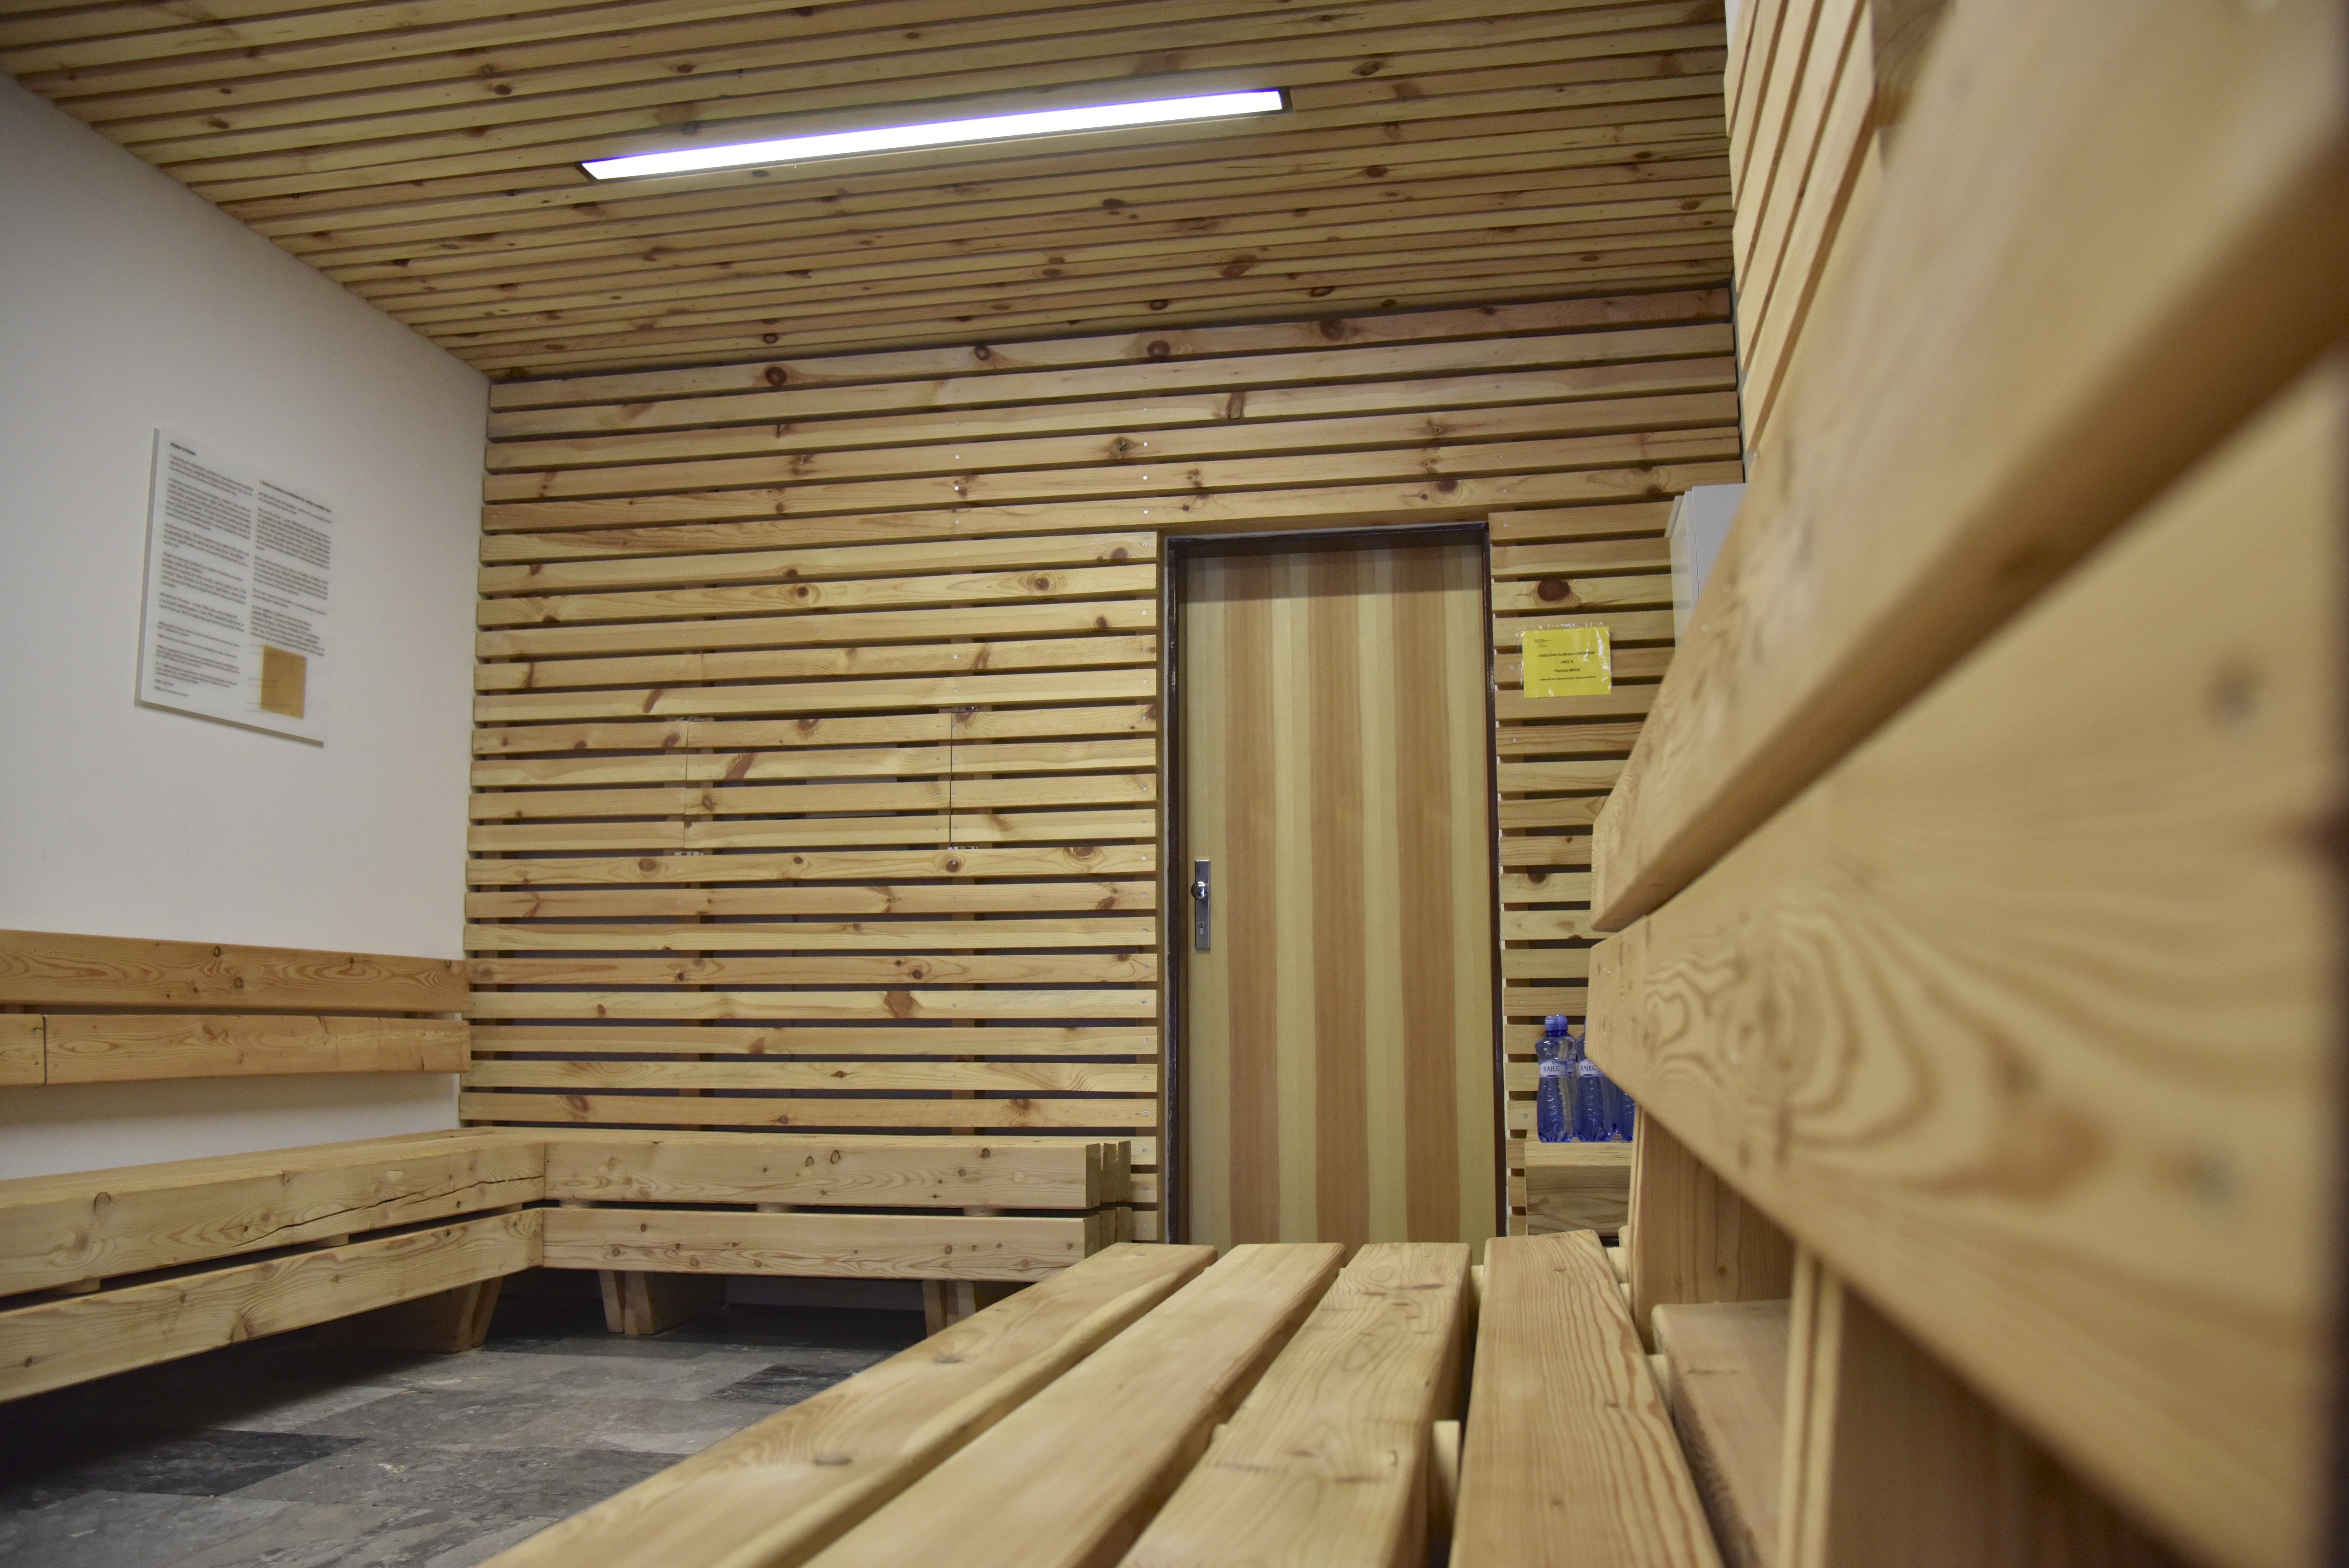 dreveny nabytok